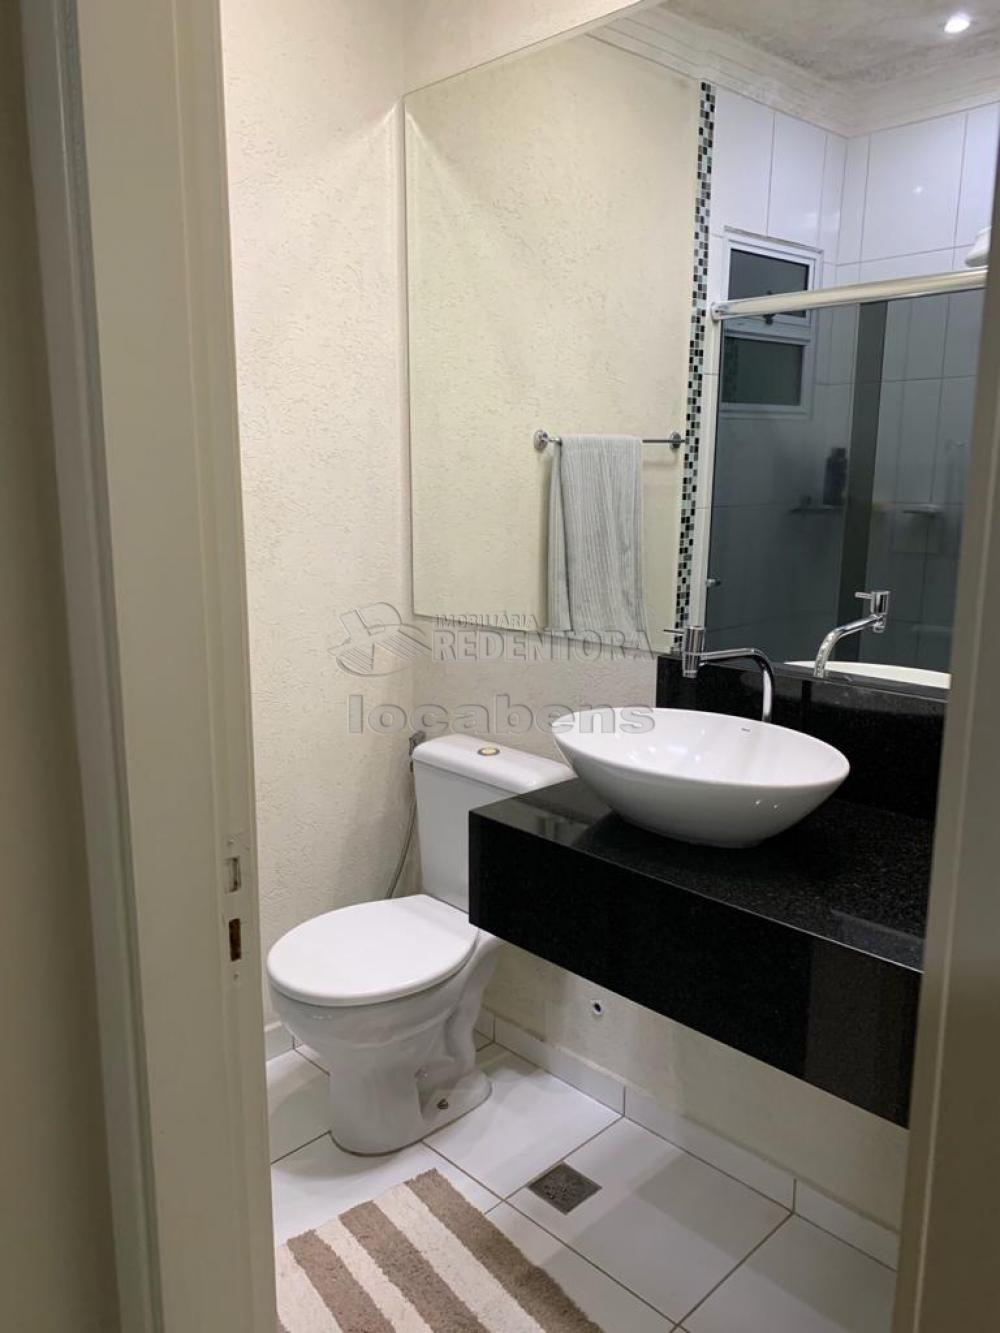 Comprar Casa / Condomínio em São José do Rio Preto R$ 360.000,00 - Foto 8